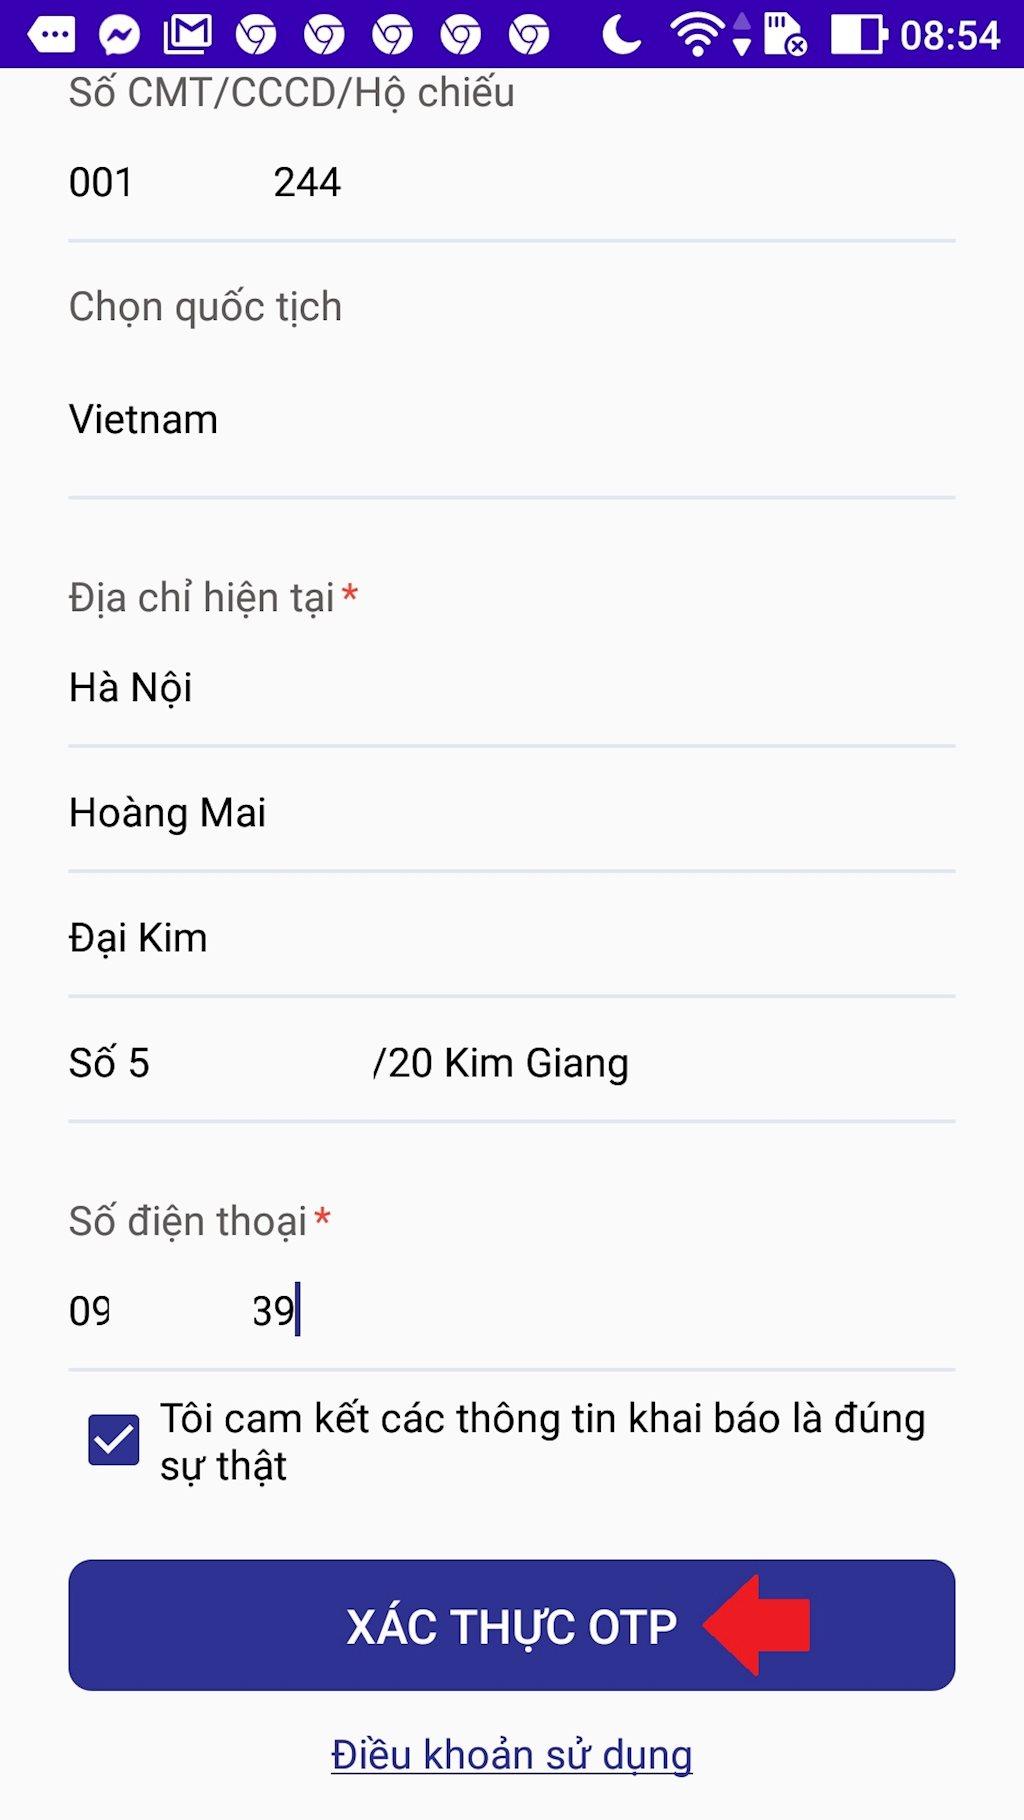 b2-huong-dan-khai-bao-y-te-toan-dan-nhu-the-nao-khai-bao-suc-khoe-toan-dan-online-dien-tu-screenshot_20200310-085427.jpg